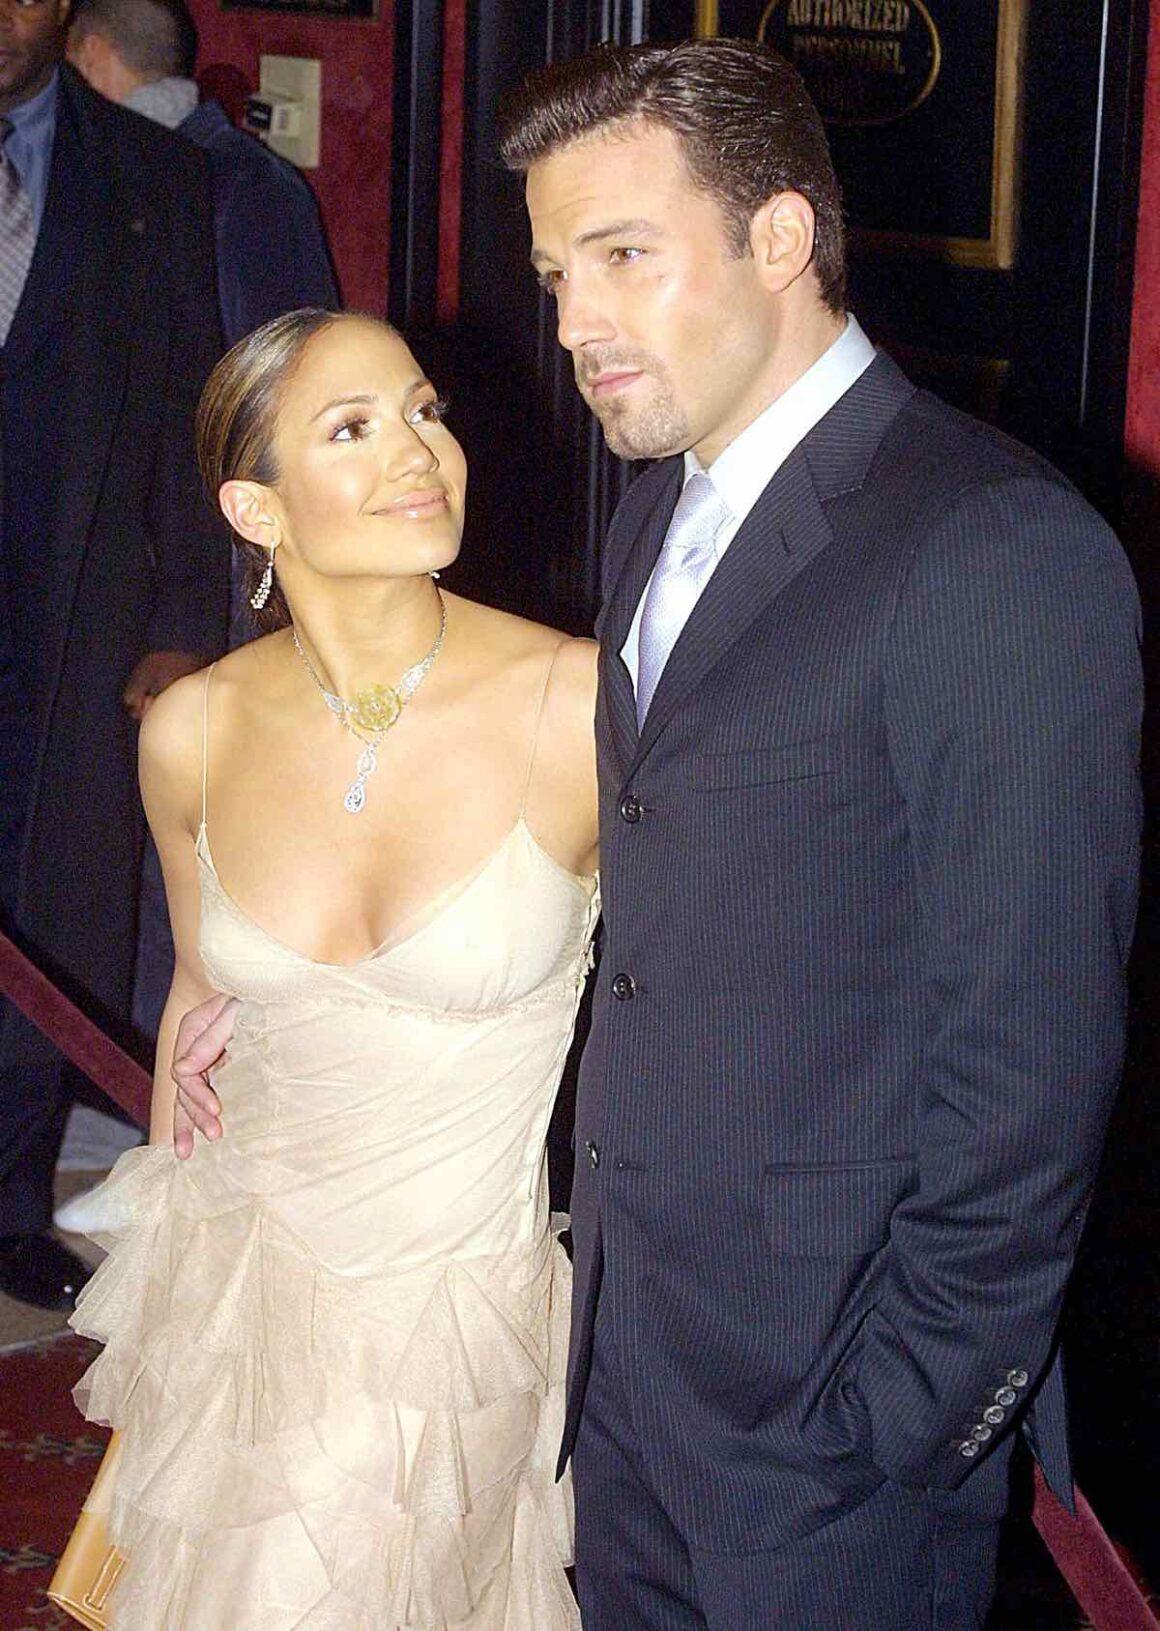 US actors Jennifer Lopez (L) and boyfriend Ben Aff